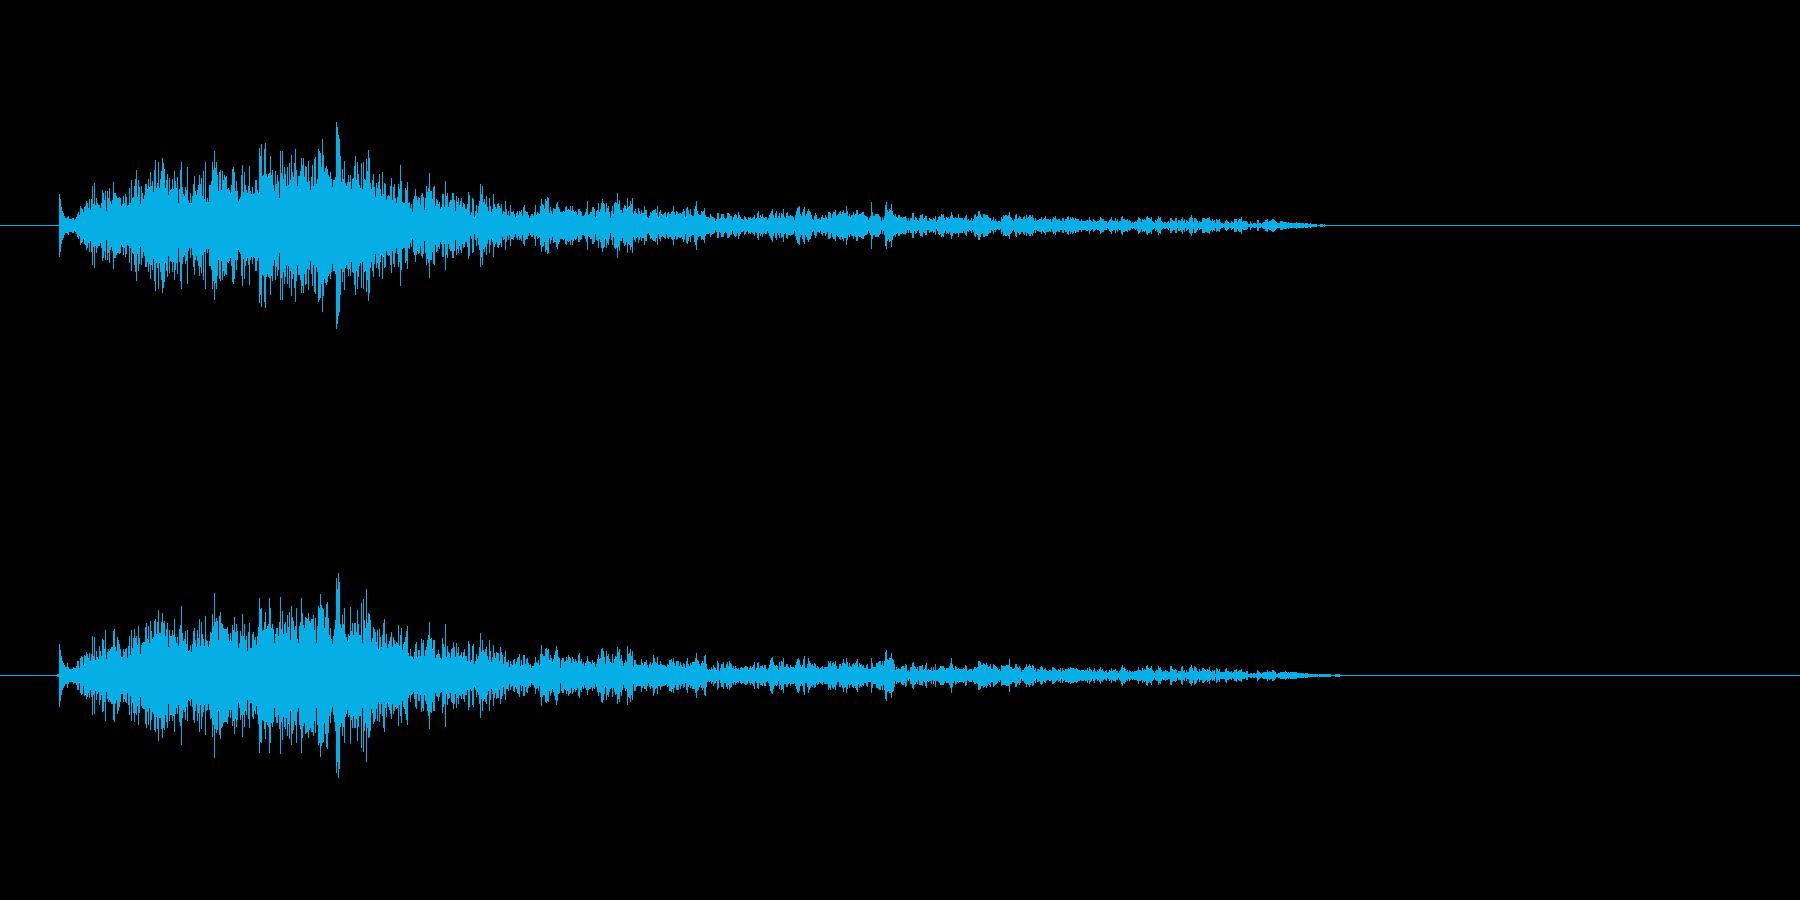 【モンスター01-8】の再生済みの波形